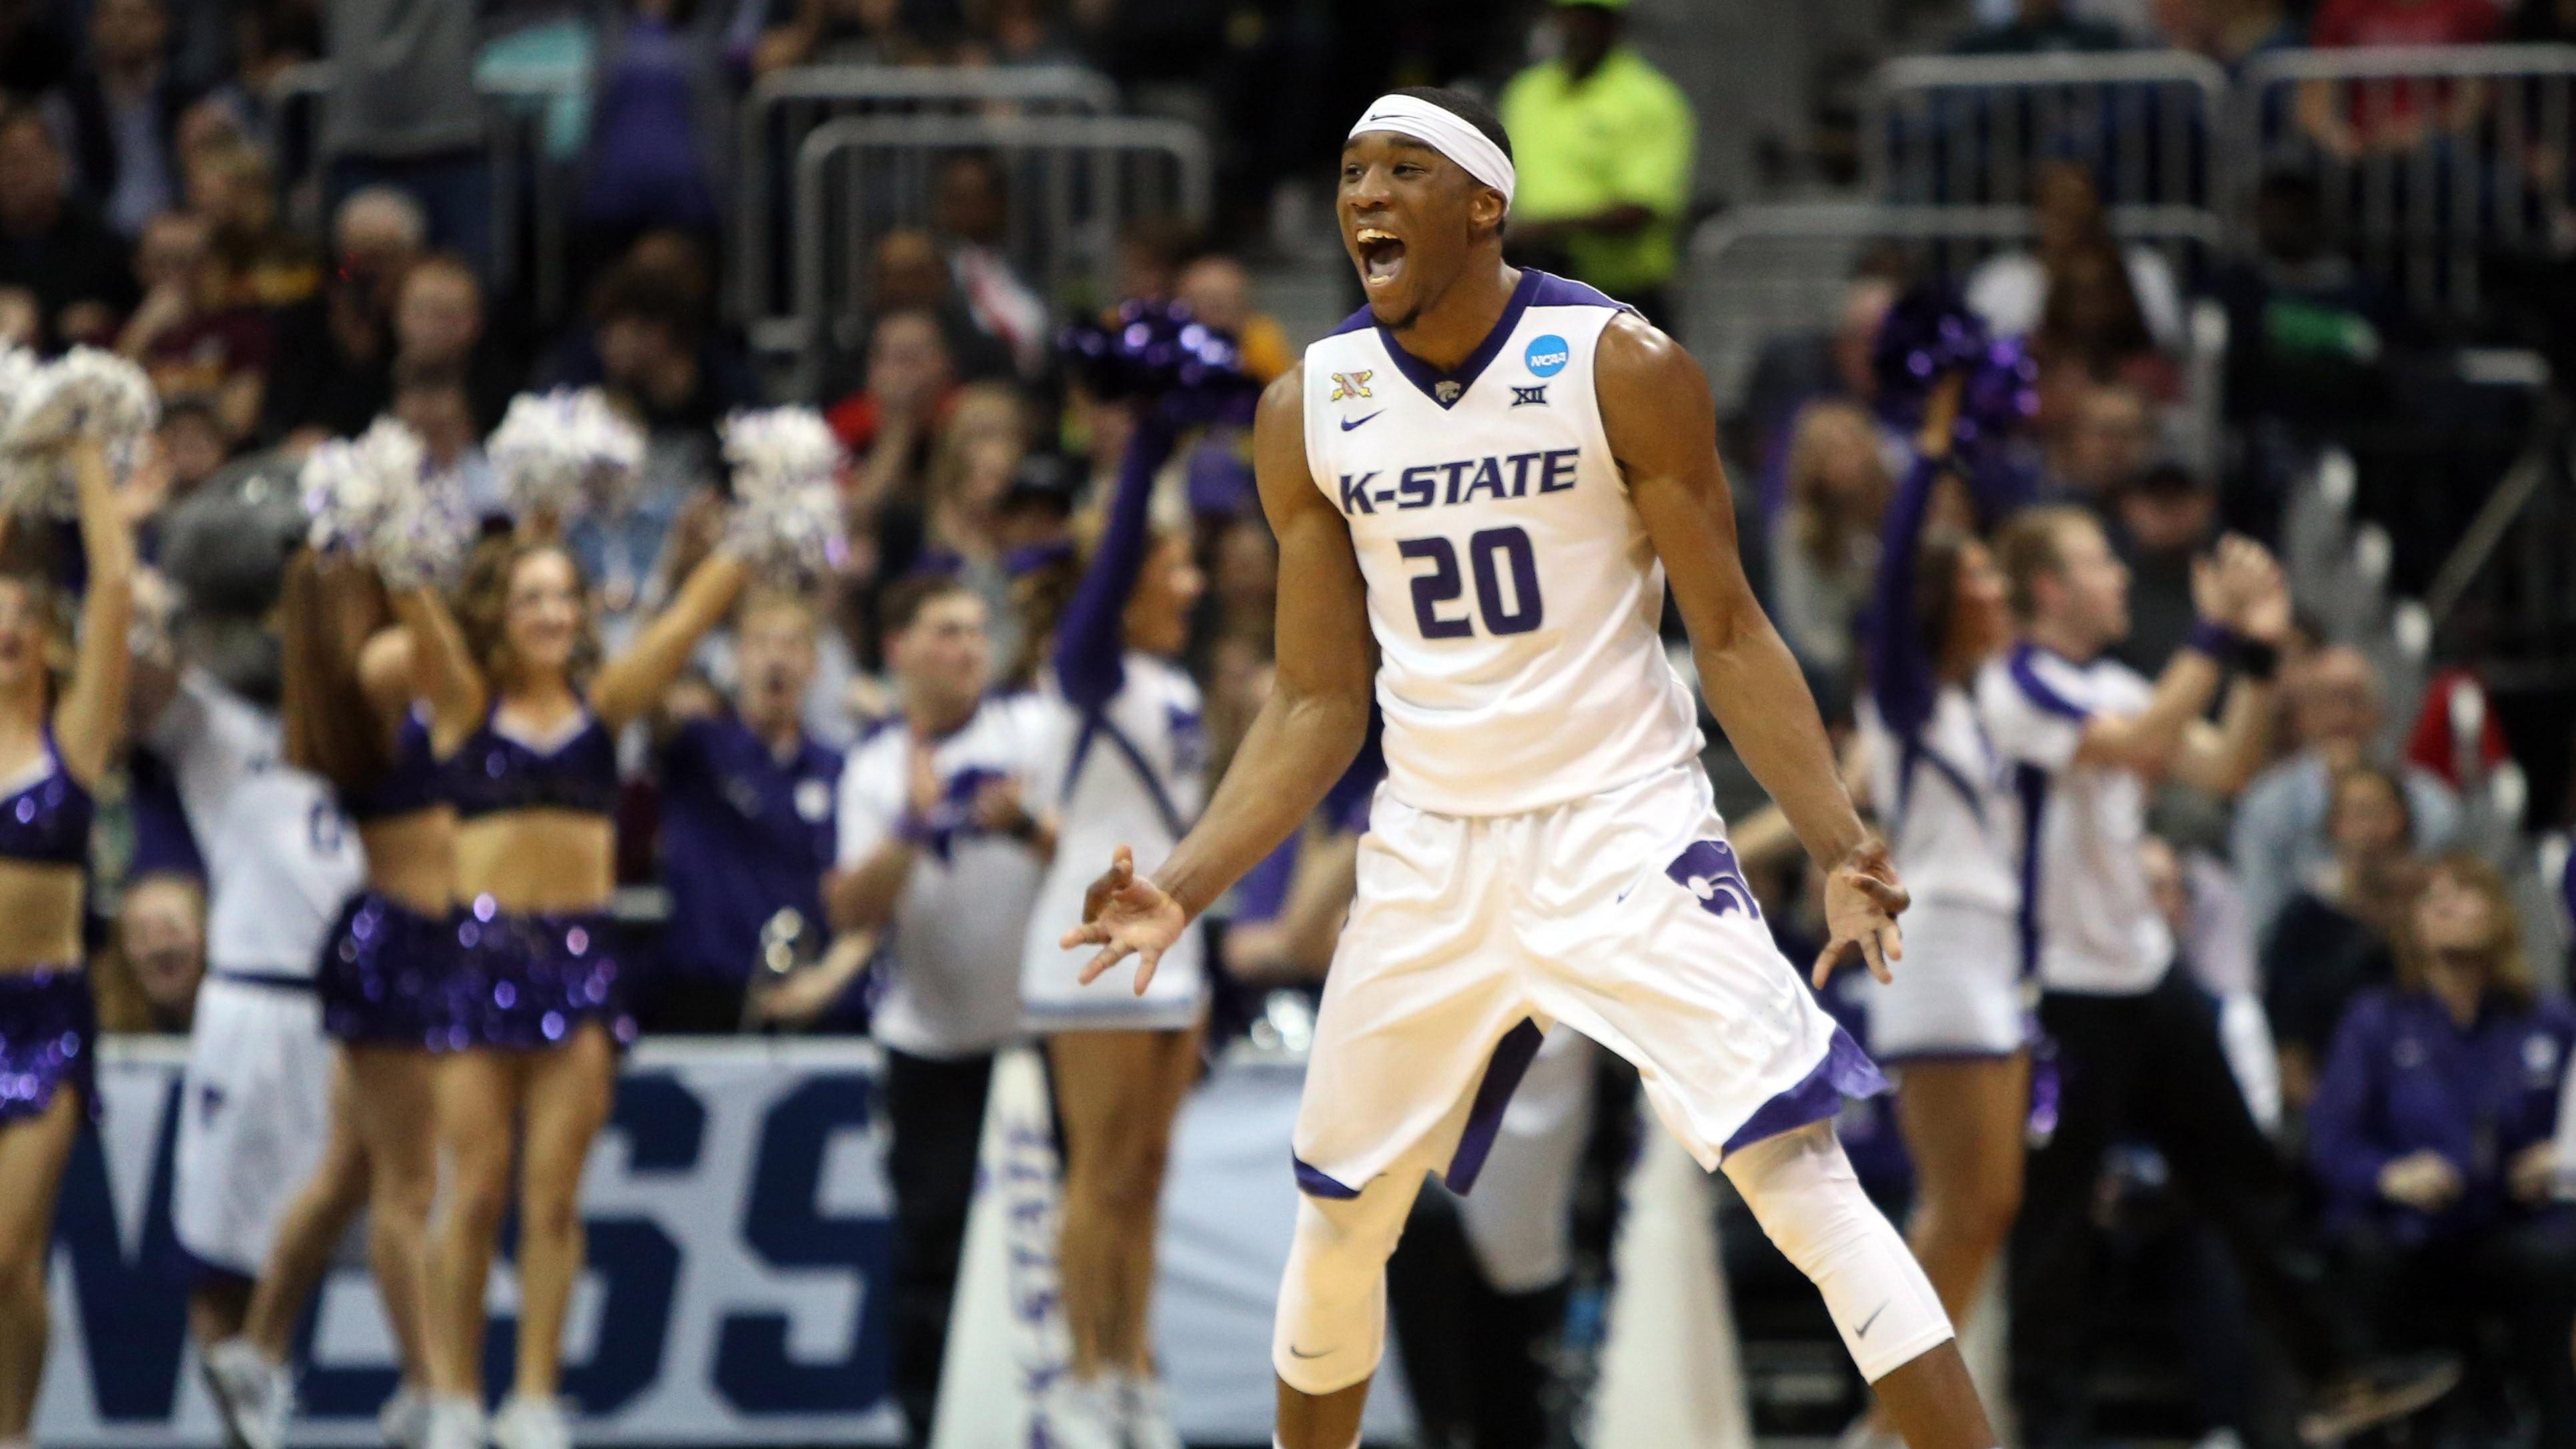 Kansas State's Xavier Sneed celebrates